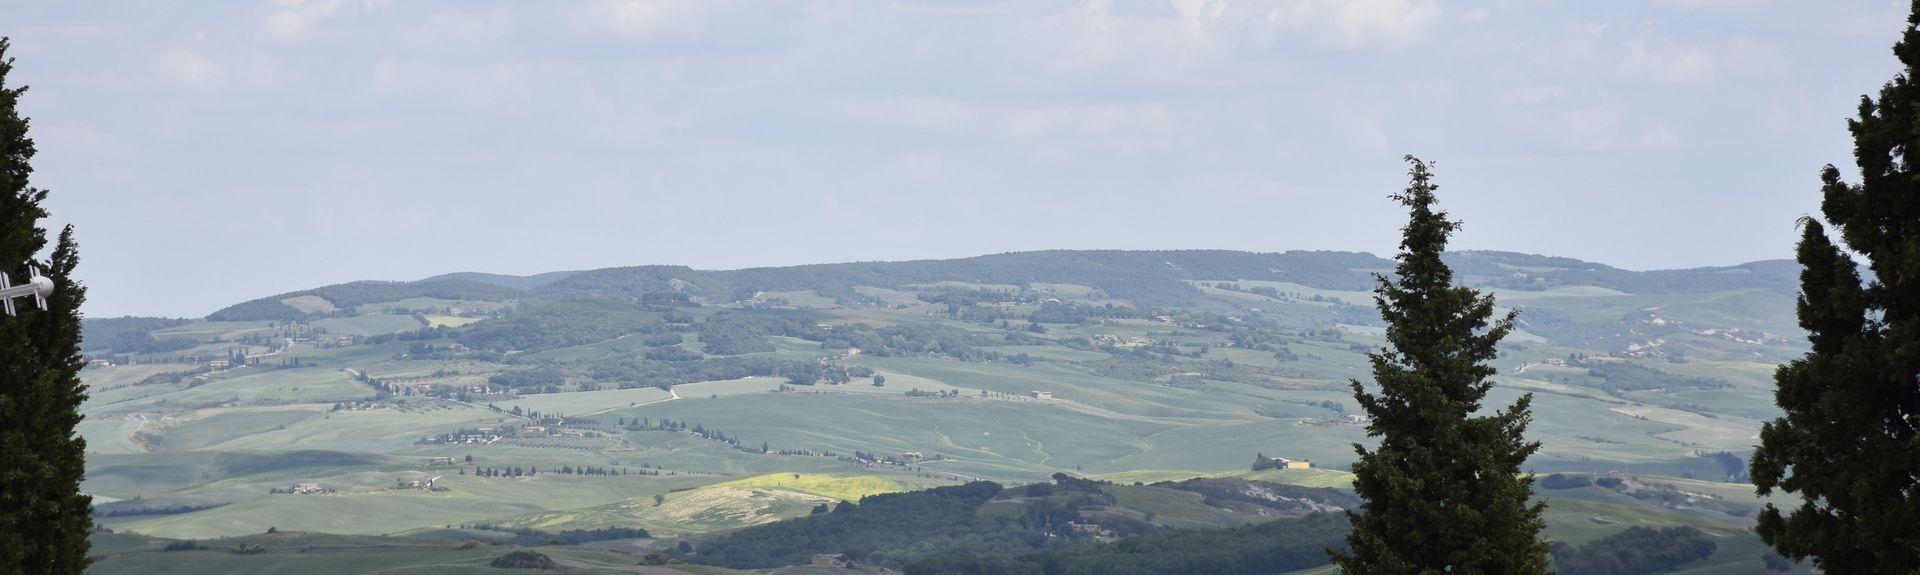 Monticchiello, Siena, Tuscany, Italy